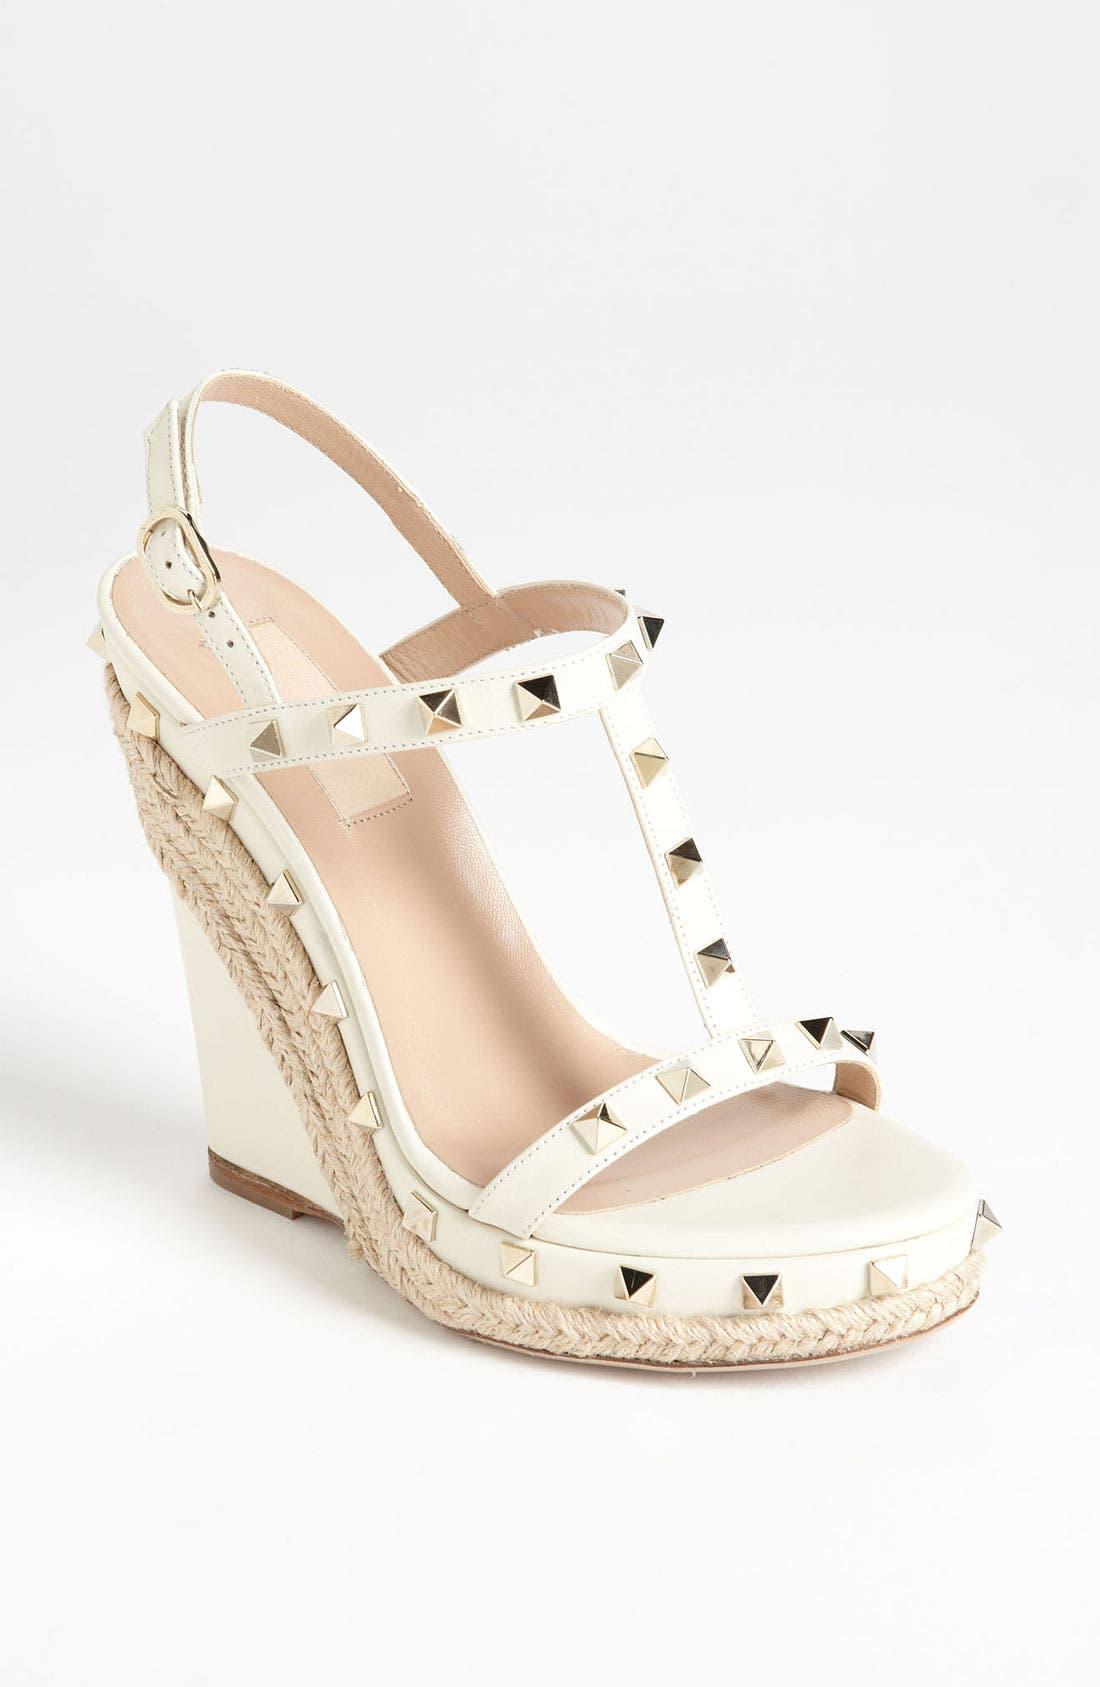 Main Image - Valentino 'Rockstud' Wedge Sandal